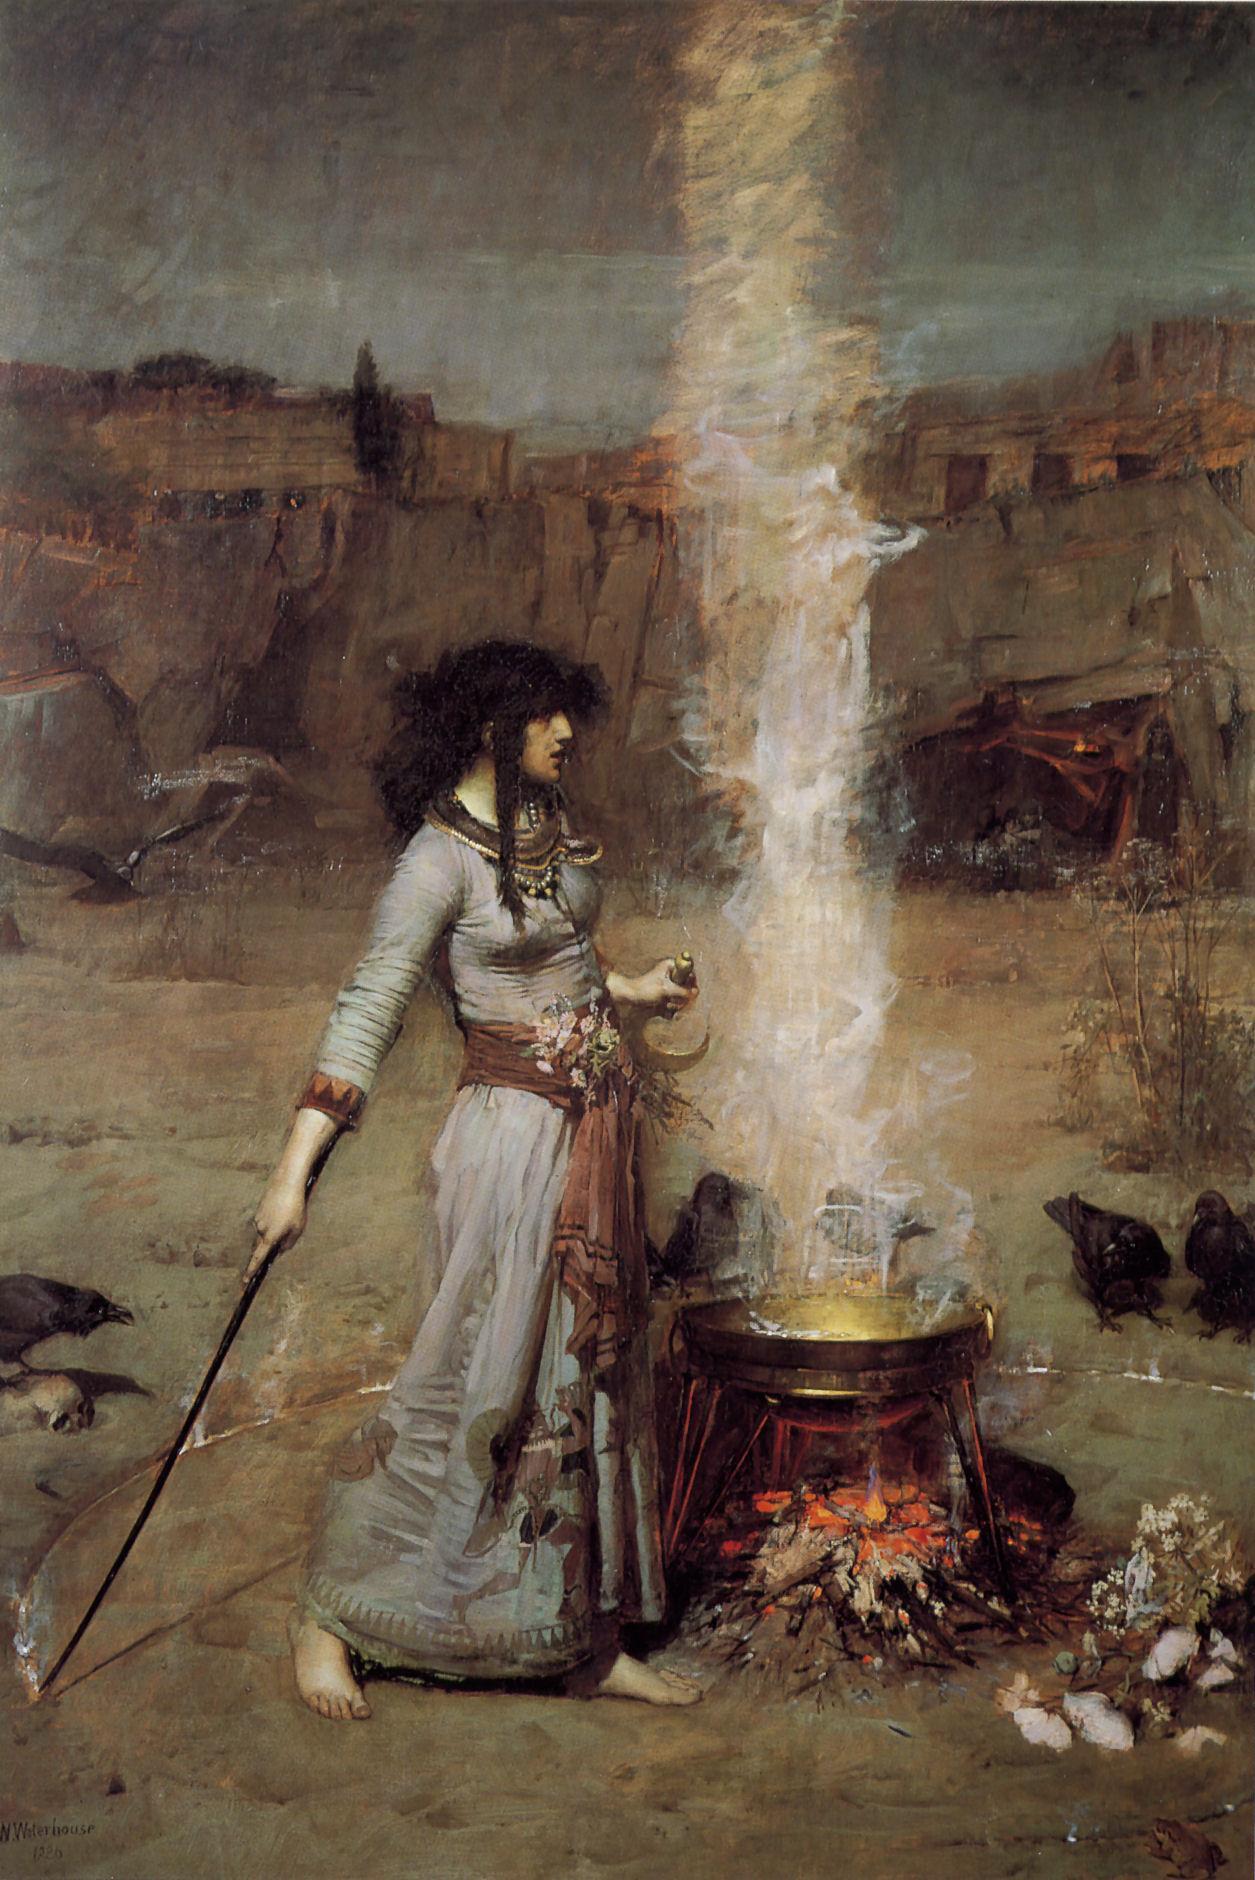 Los Nueve Infiernos: La Historia del Mal. Tercera parte #culturaquemadura